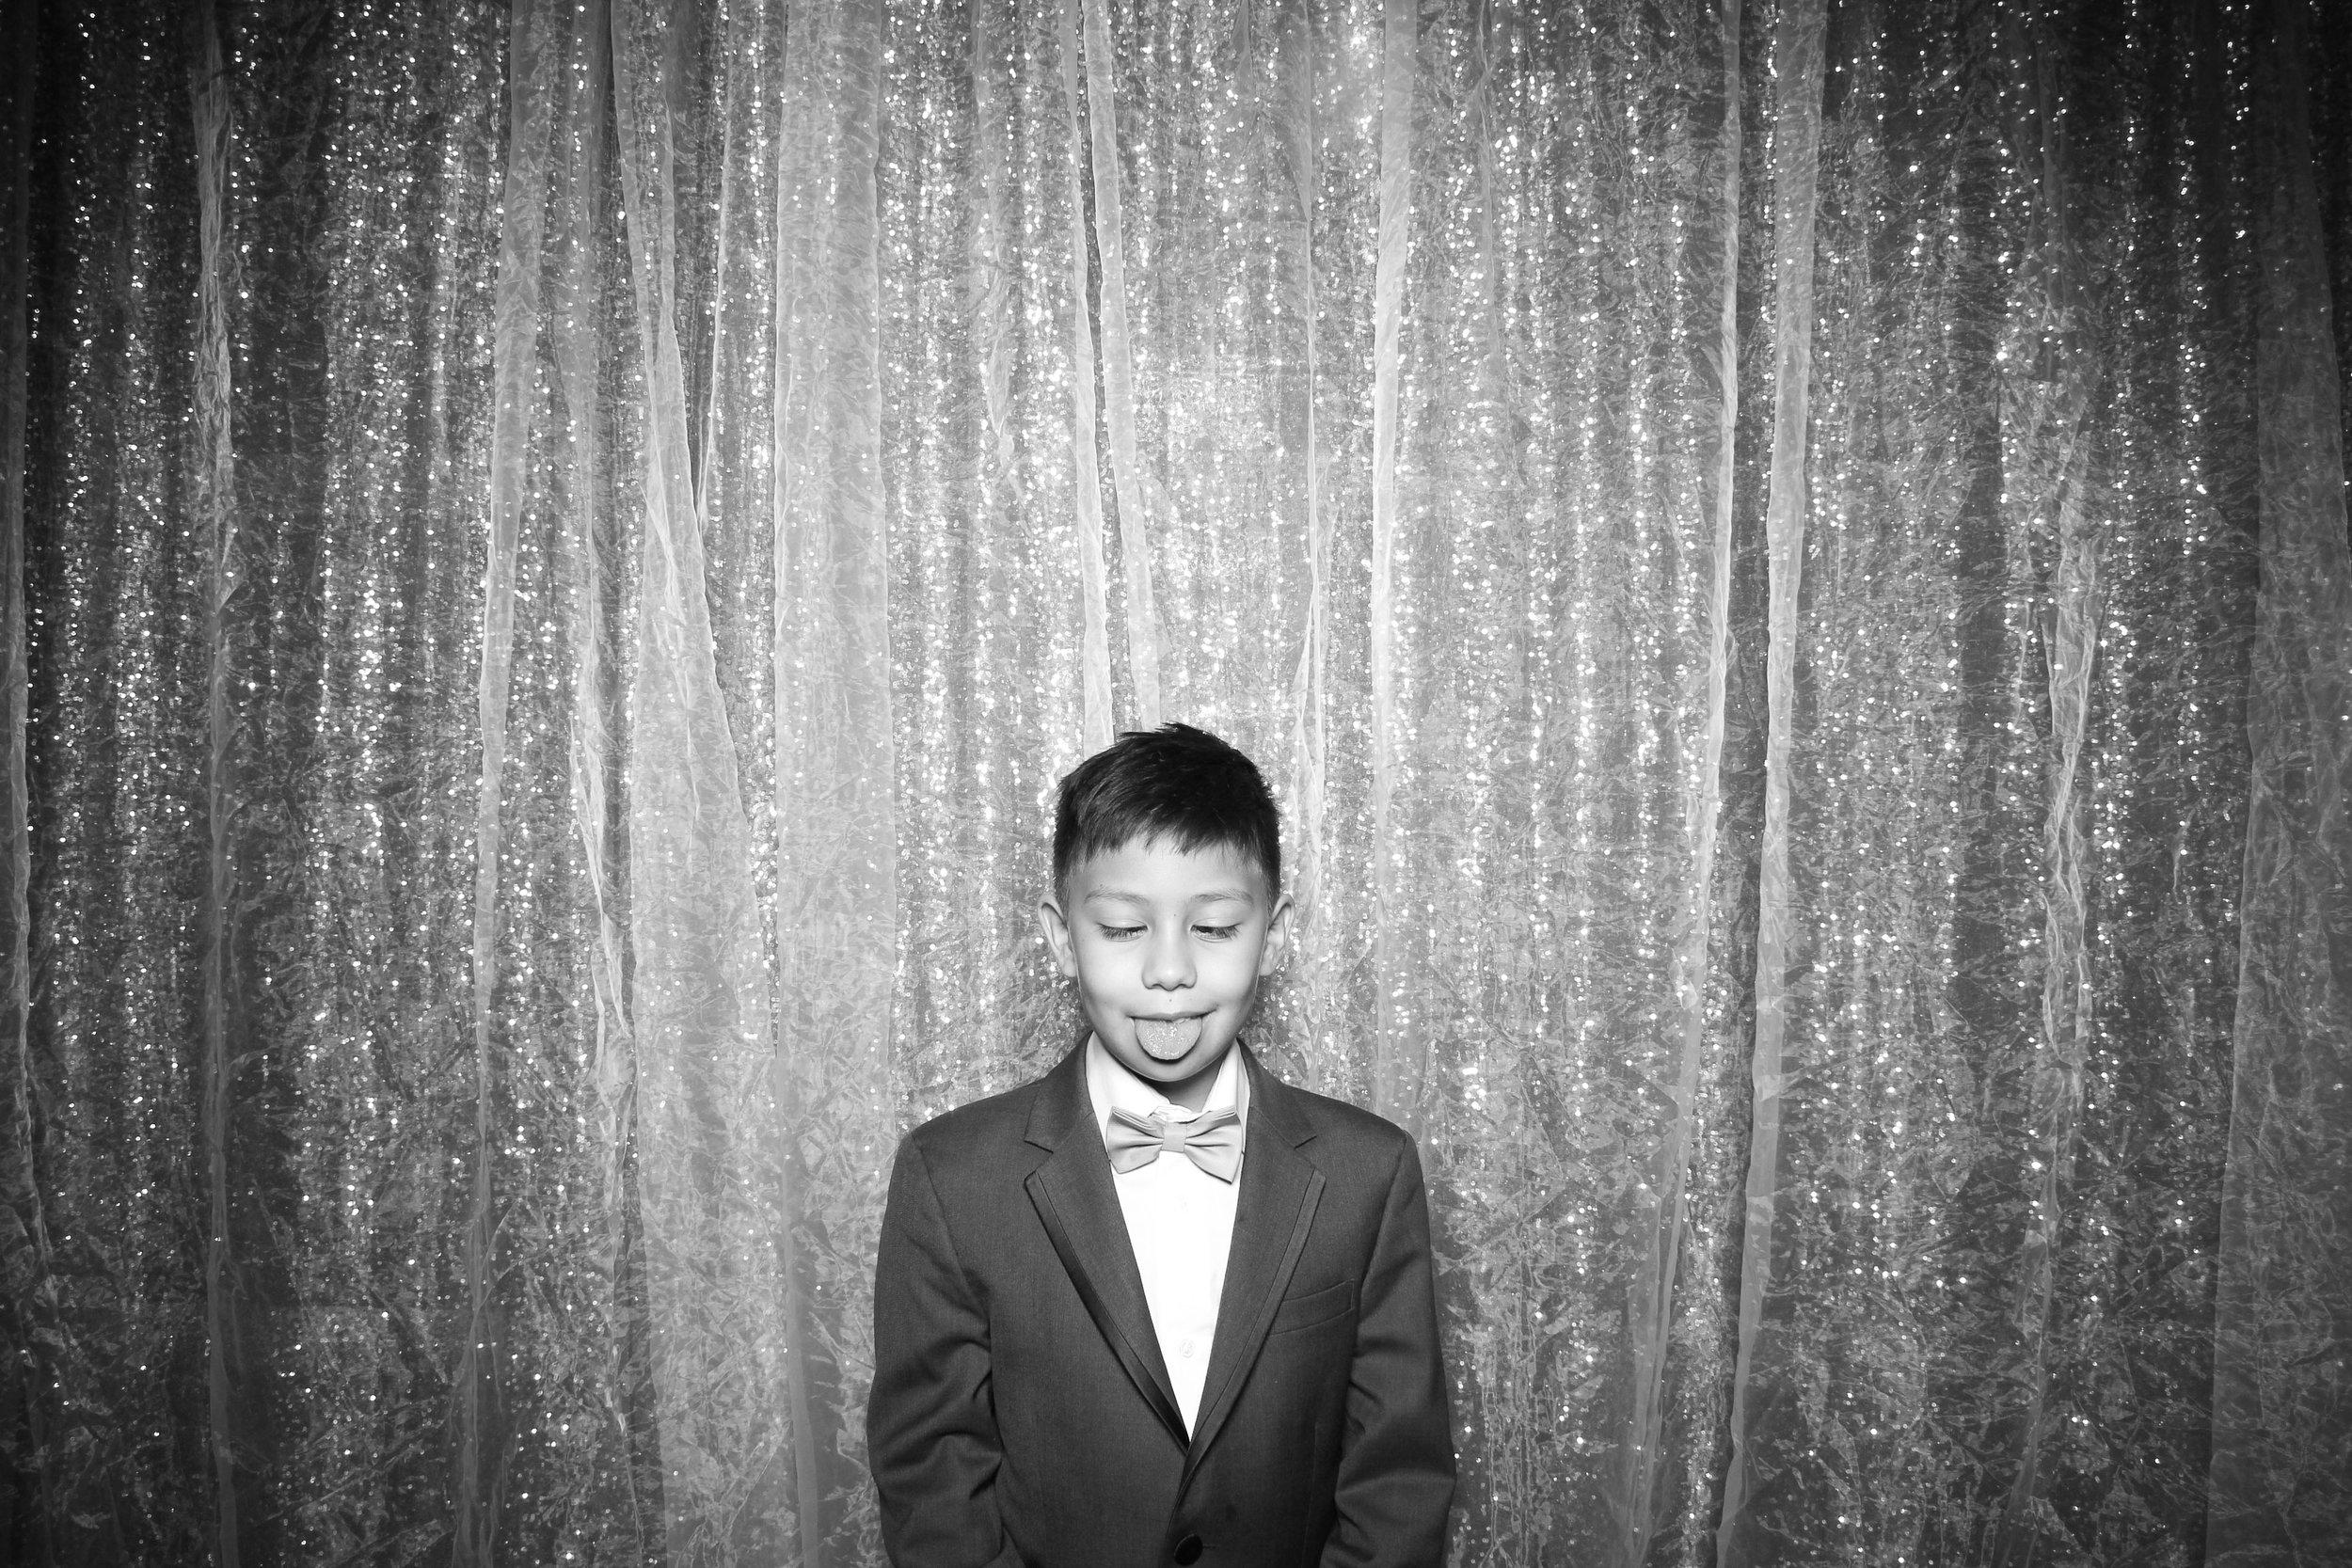 Chicago_Vintage_Wedding_Photobooth_Galleria_Marchetti_06.jpg